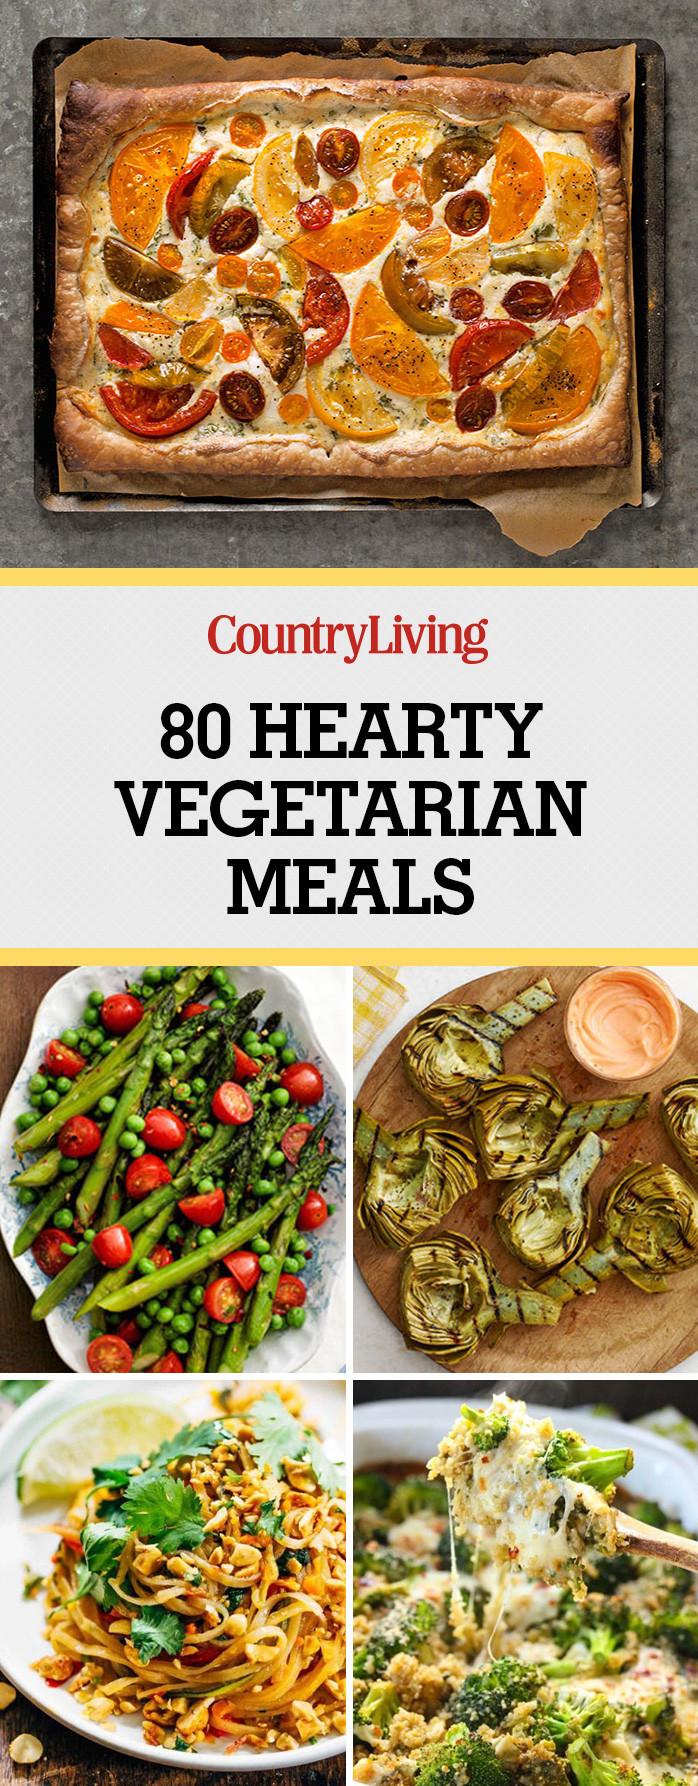 Easy Vegan Dinner Recipes  80 Easy Ve arian Dinner Recipes Best Ve arian Meal